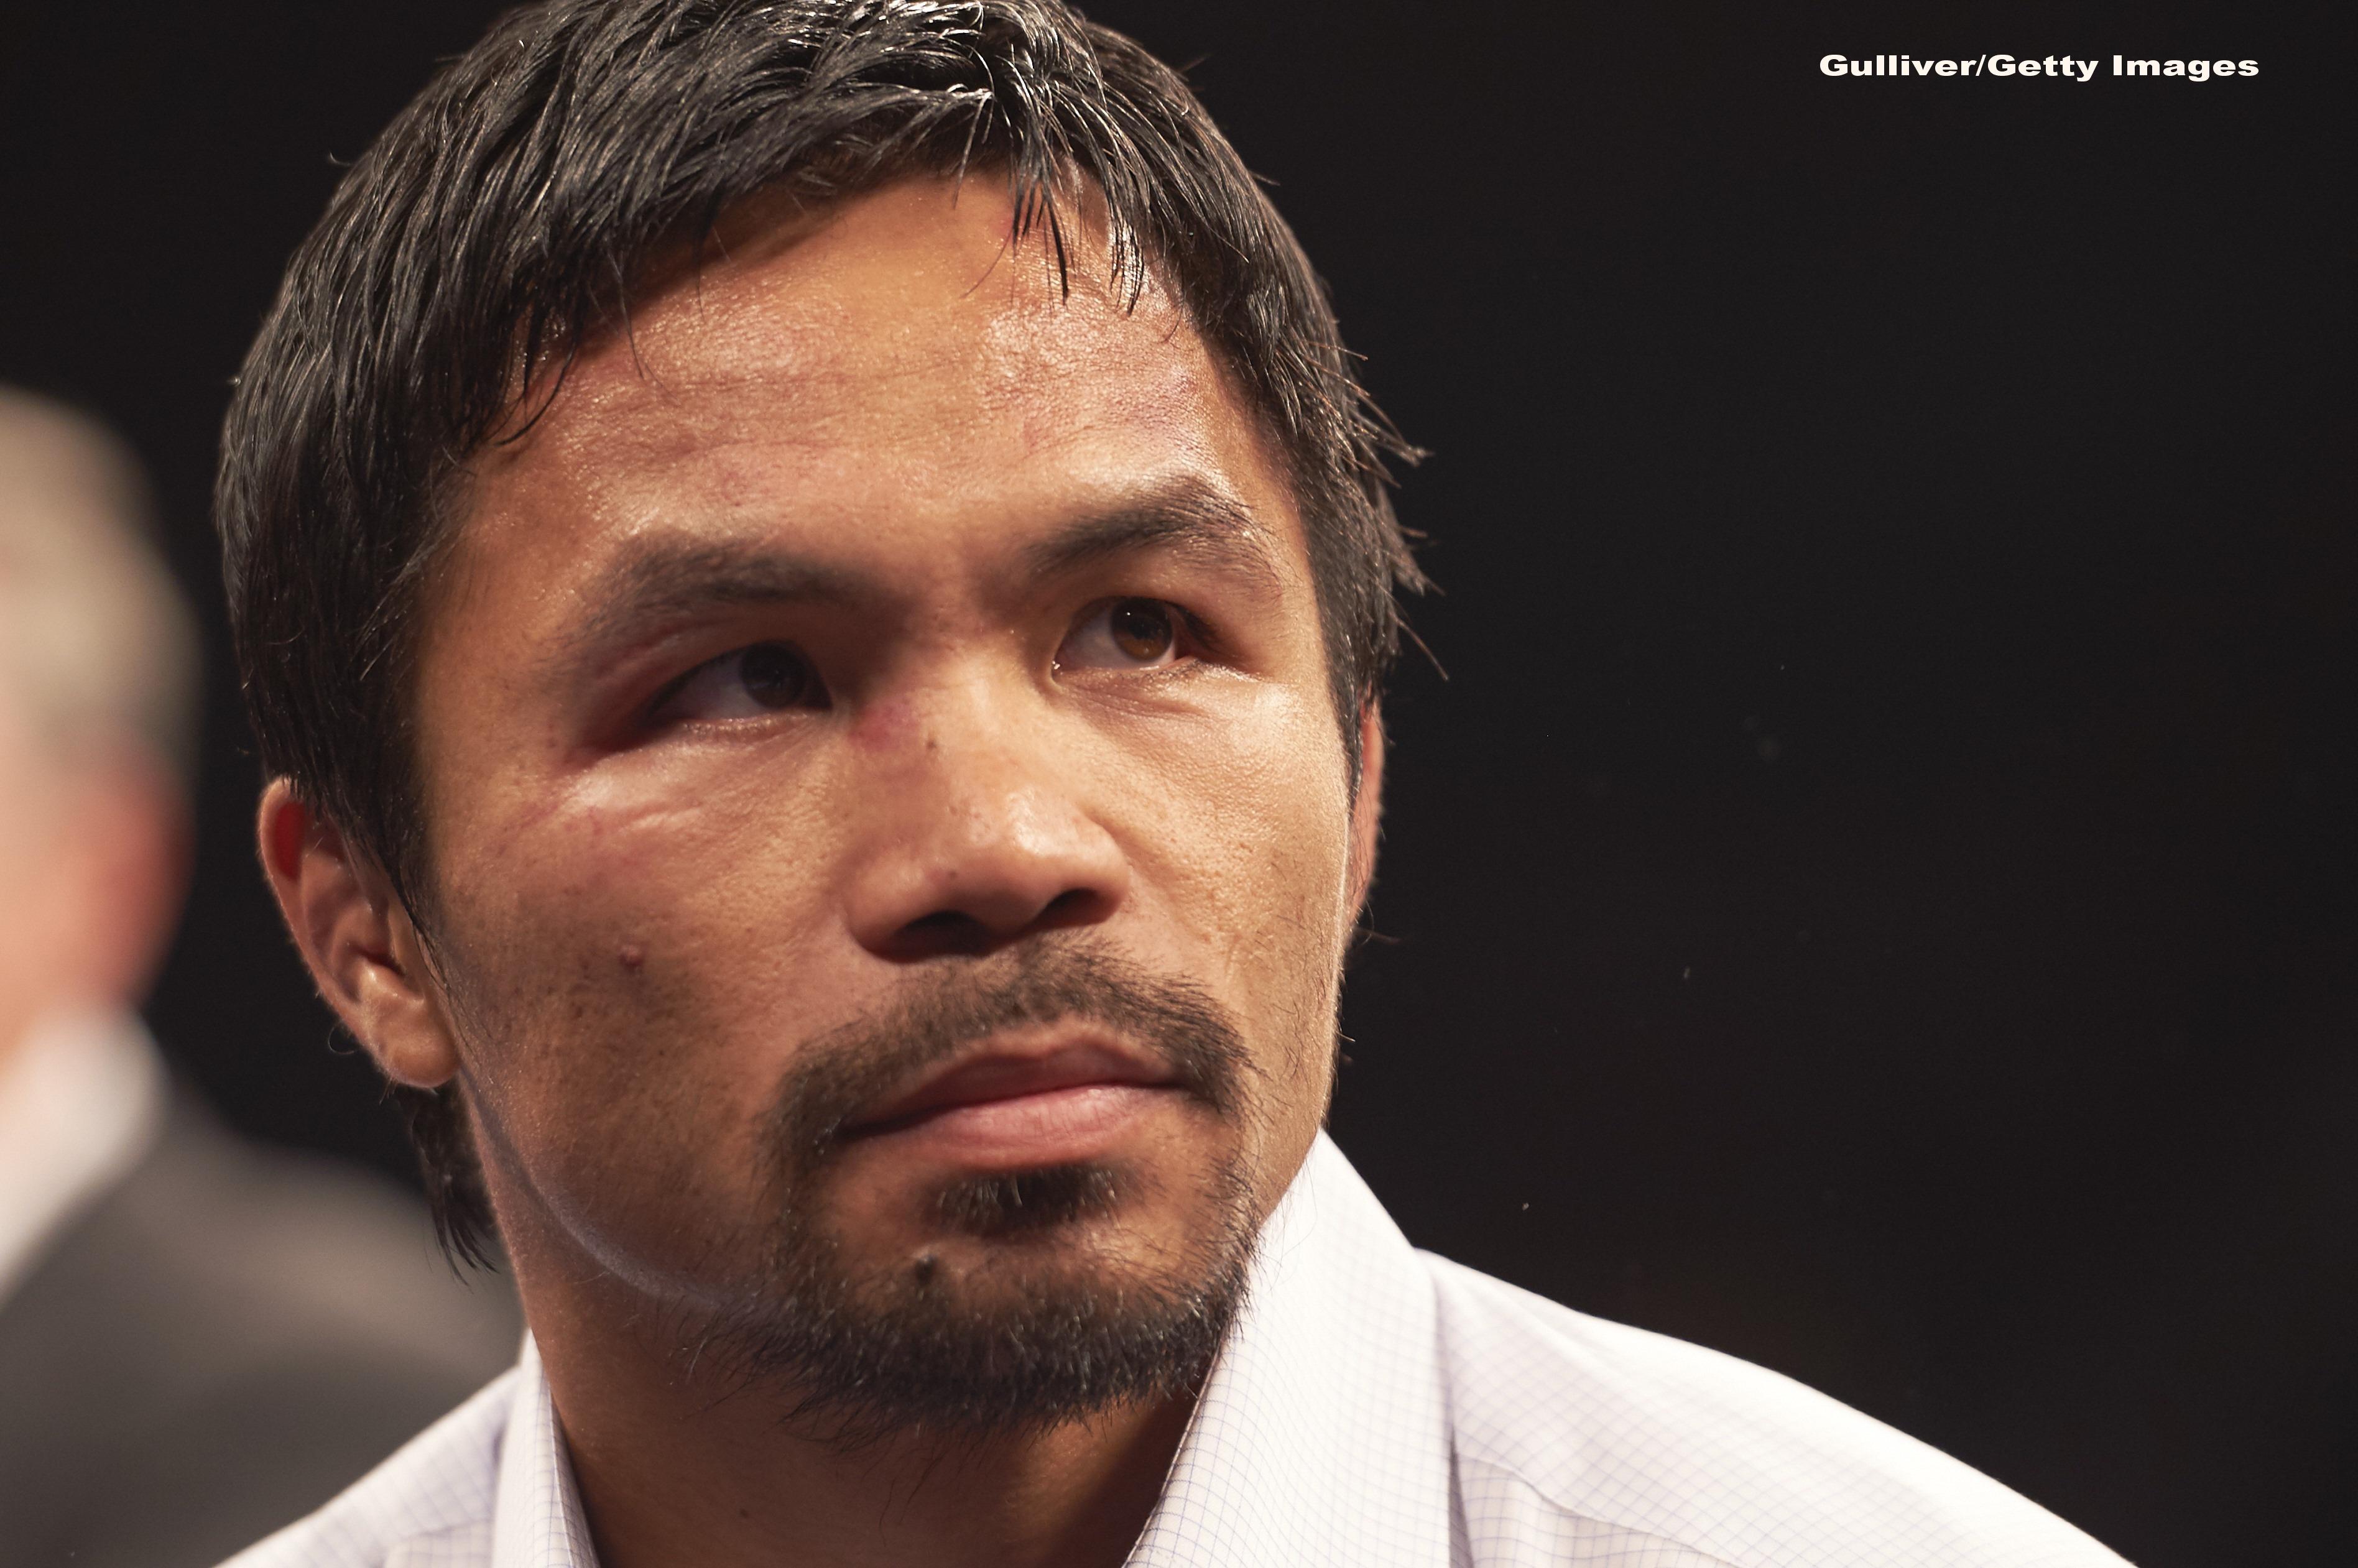 Pugilistul Manny Pacquiao va candida la alegerile prezidenţiale din 2022 din Filipine